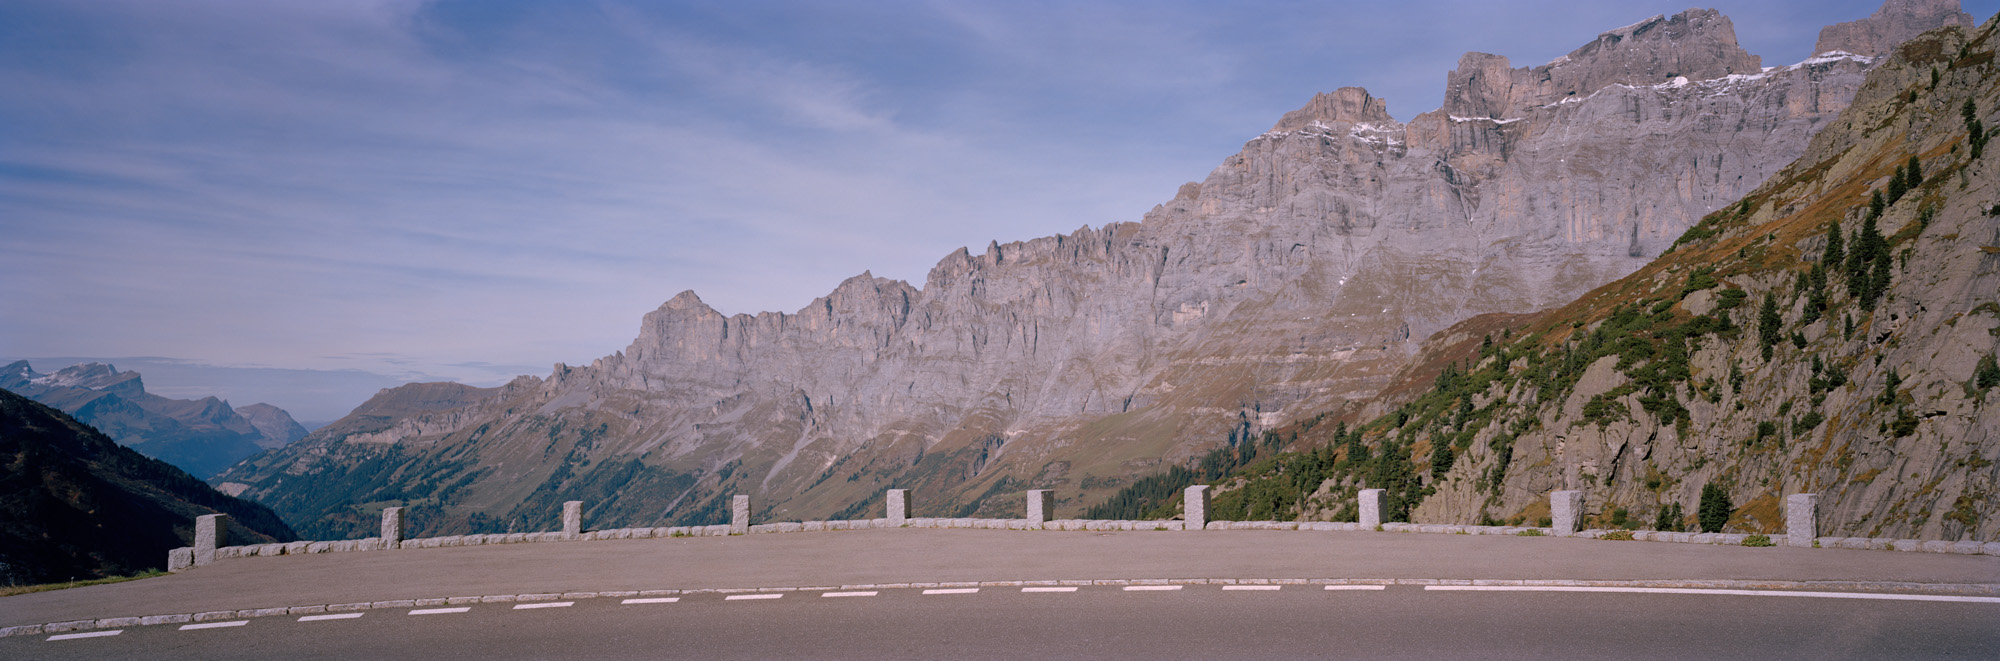 Alpenpässe, Alpen, Schweiz, Italien, Österreich, Deutschland, Natur, Landschaften, Pässe, Straßen, Steine, Berge, Wiesen, Grün, Gras, Bergluft, Blau, Himmel, Gadmerflue